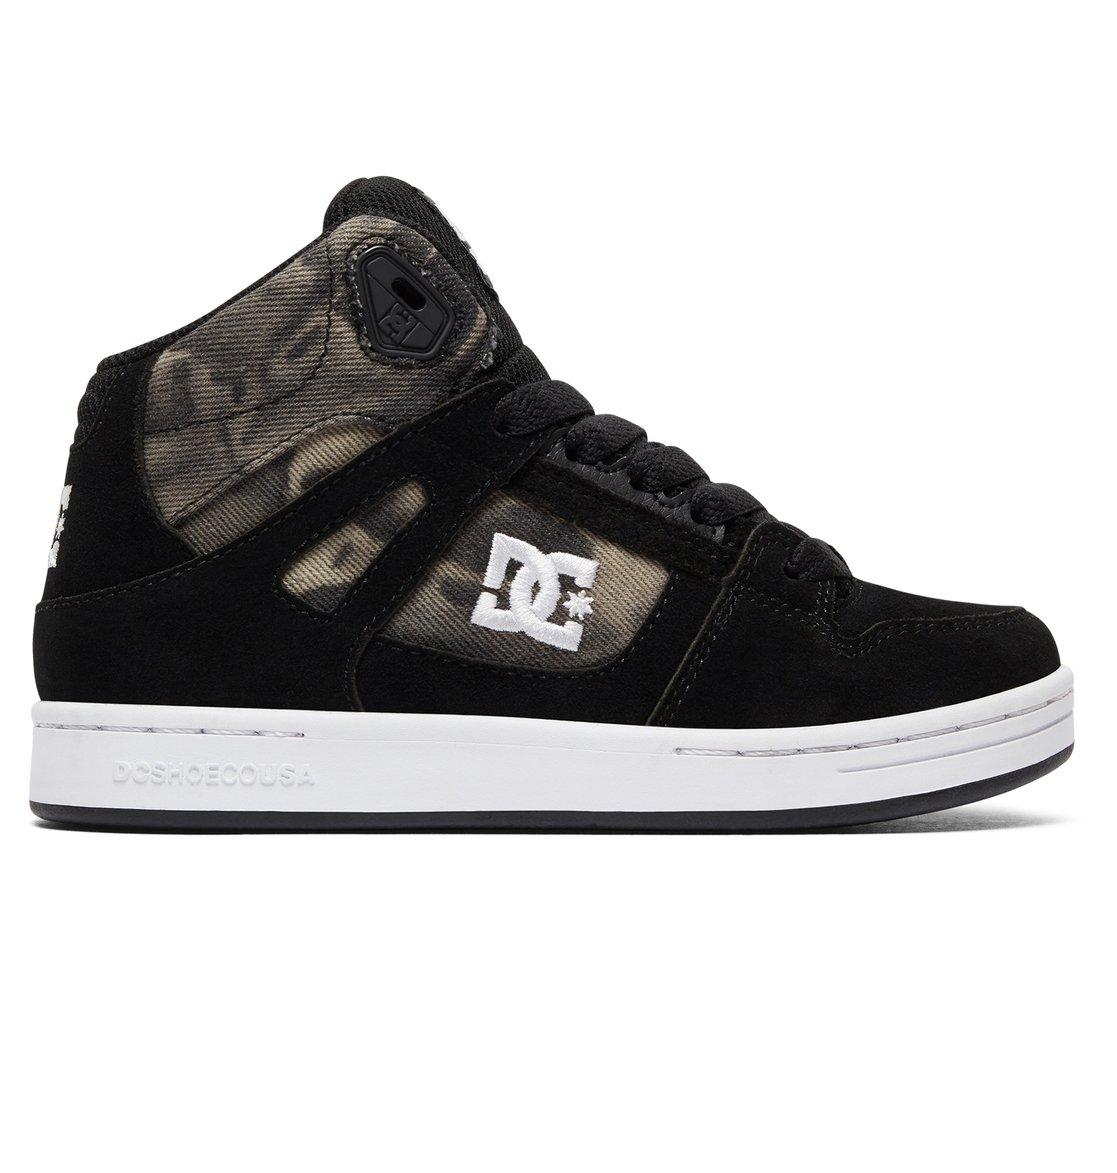 Barato Para La Venta DC Unisex Sneaker Rebound Precio Más Bajo Precio Más Barato RdYU5gNITb